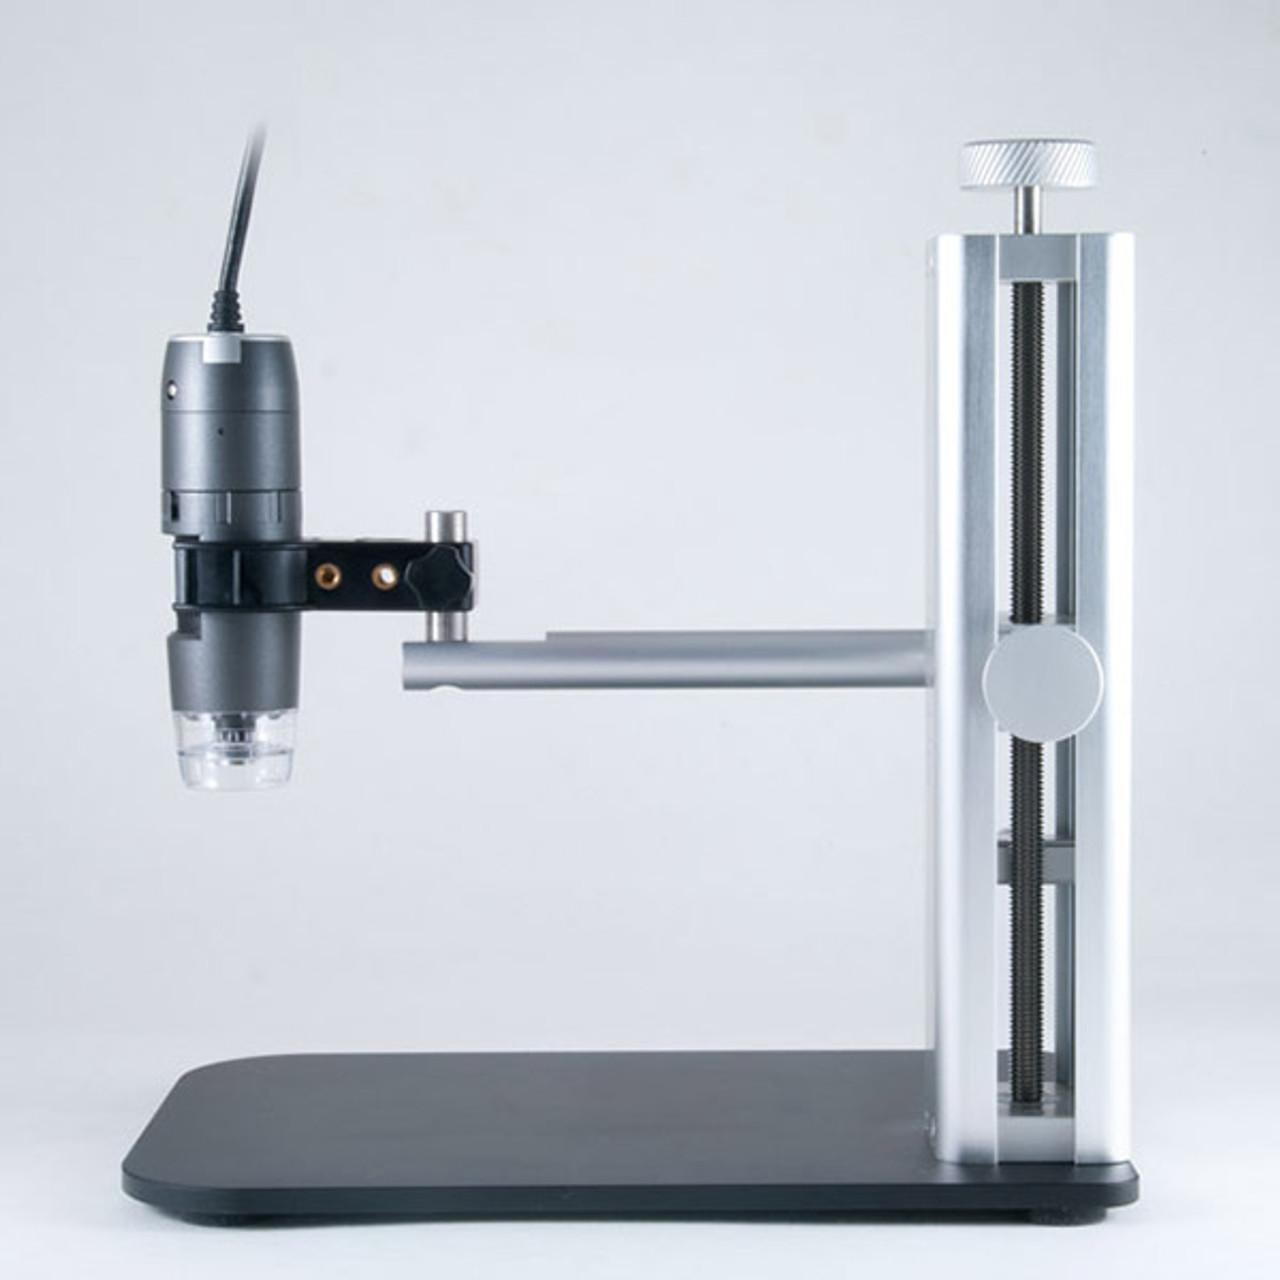 RK-10A Desktop Stand